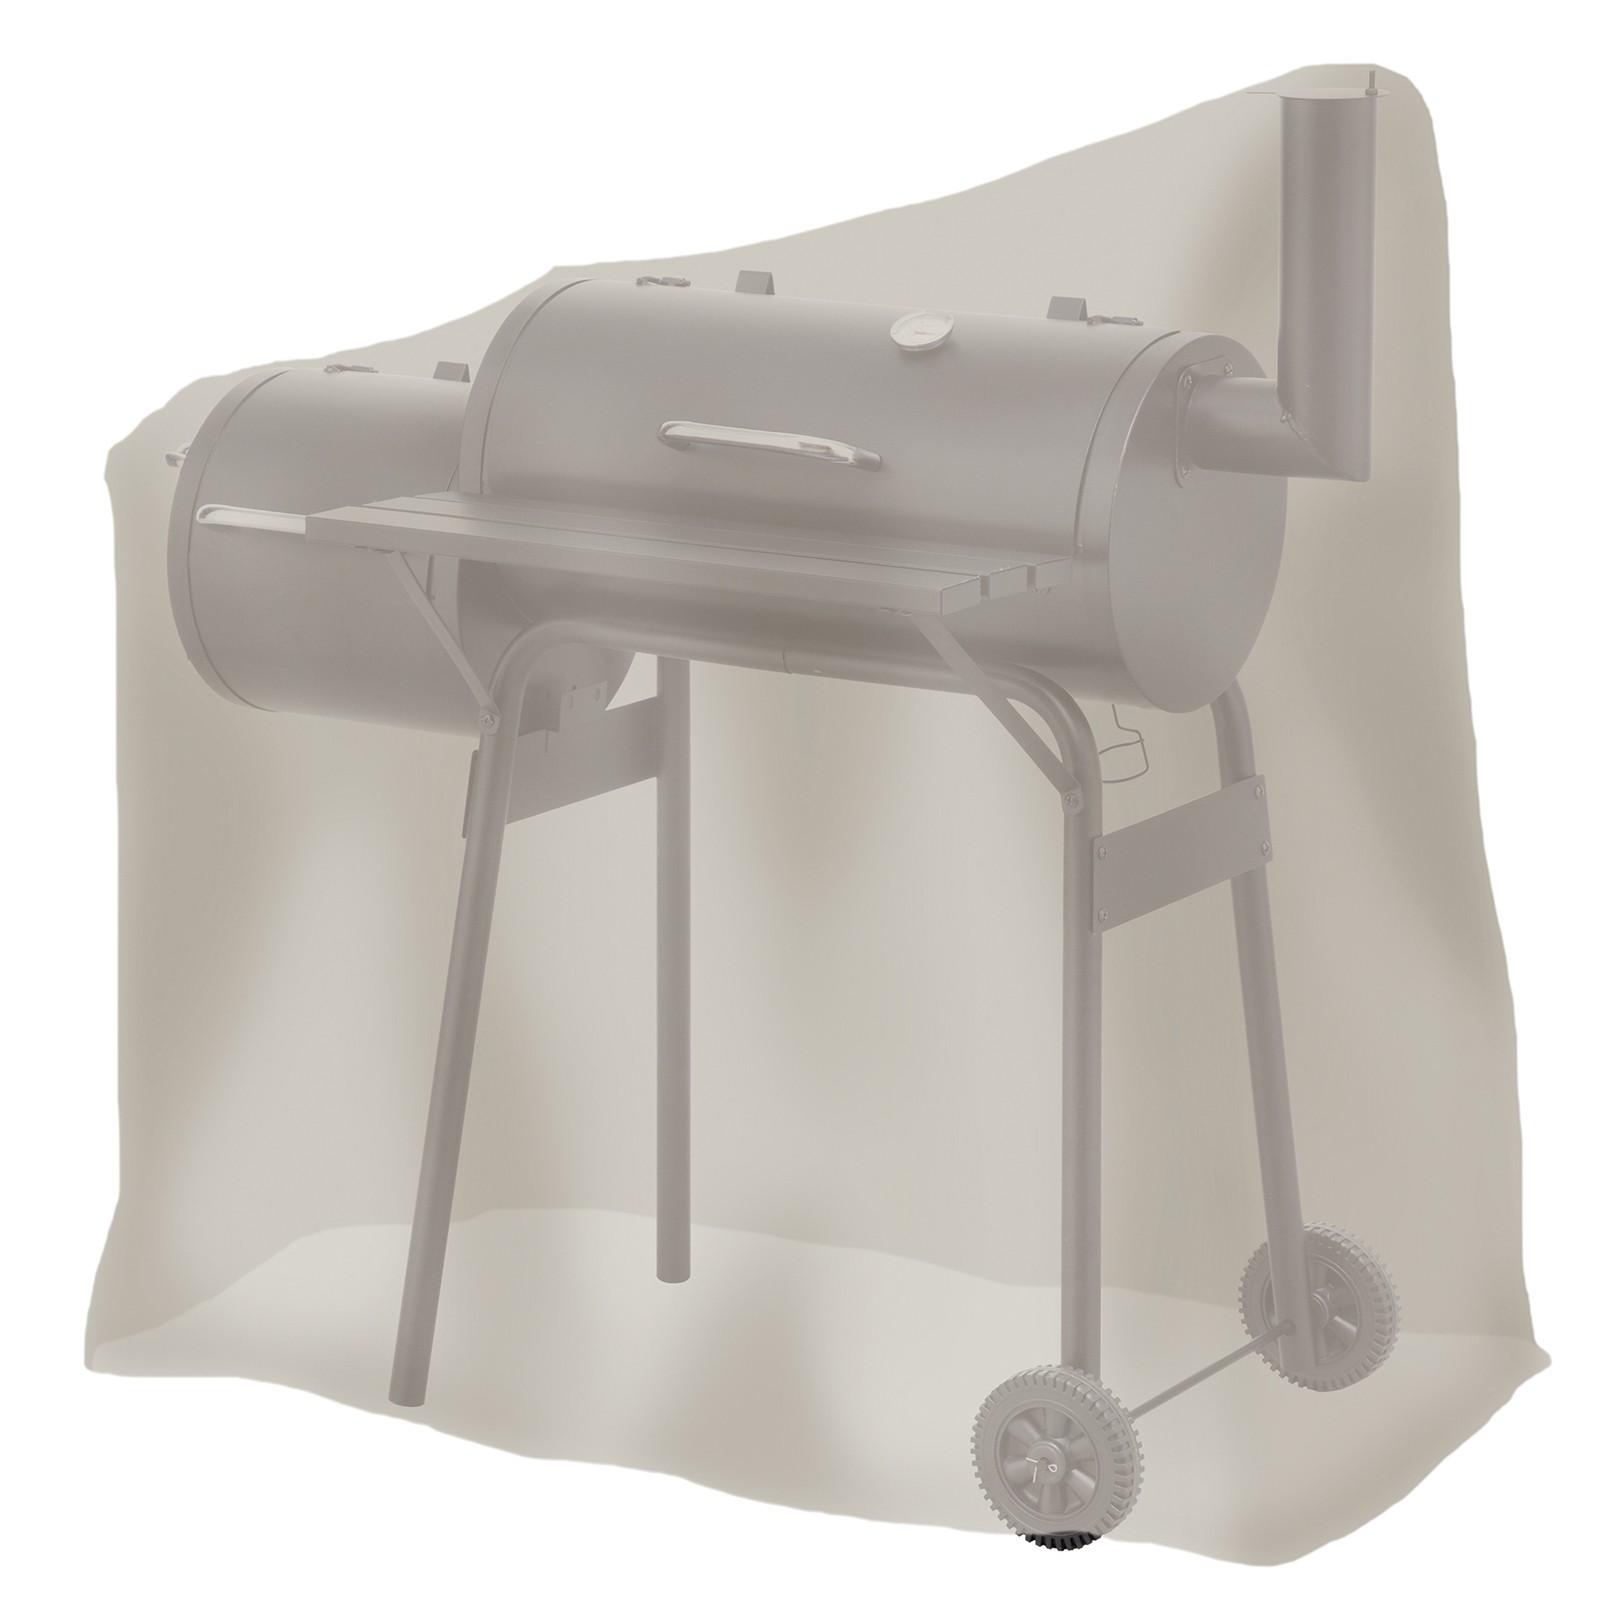 tepro universal abdeckhaube f r smoker polyester schutzh lle abdeckplane klein ebay. Black Bedroom Furniture Sets. Home Design Ideas